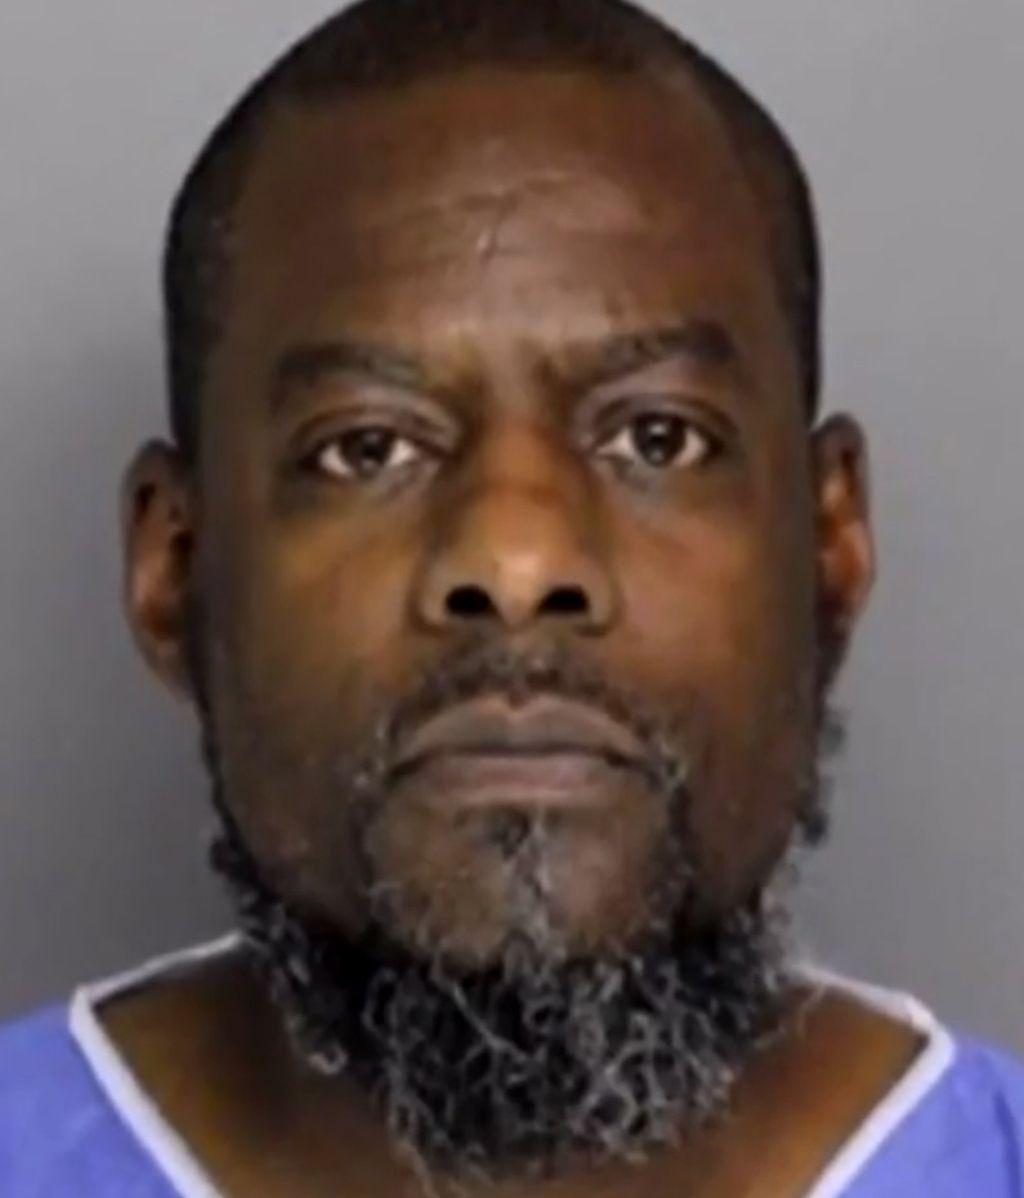 Kevin Small condenado por asesinar a su mujer con un bidón de gasolina